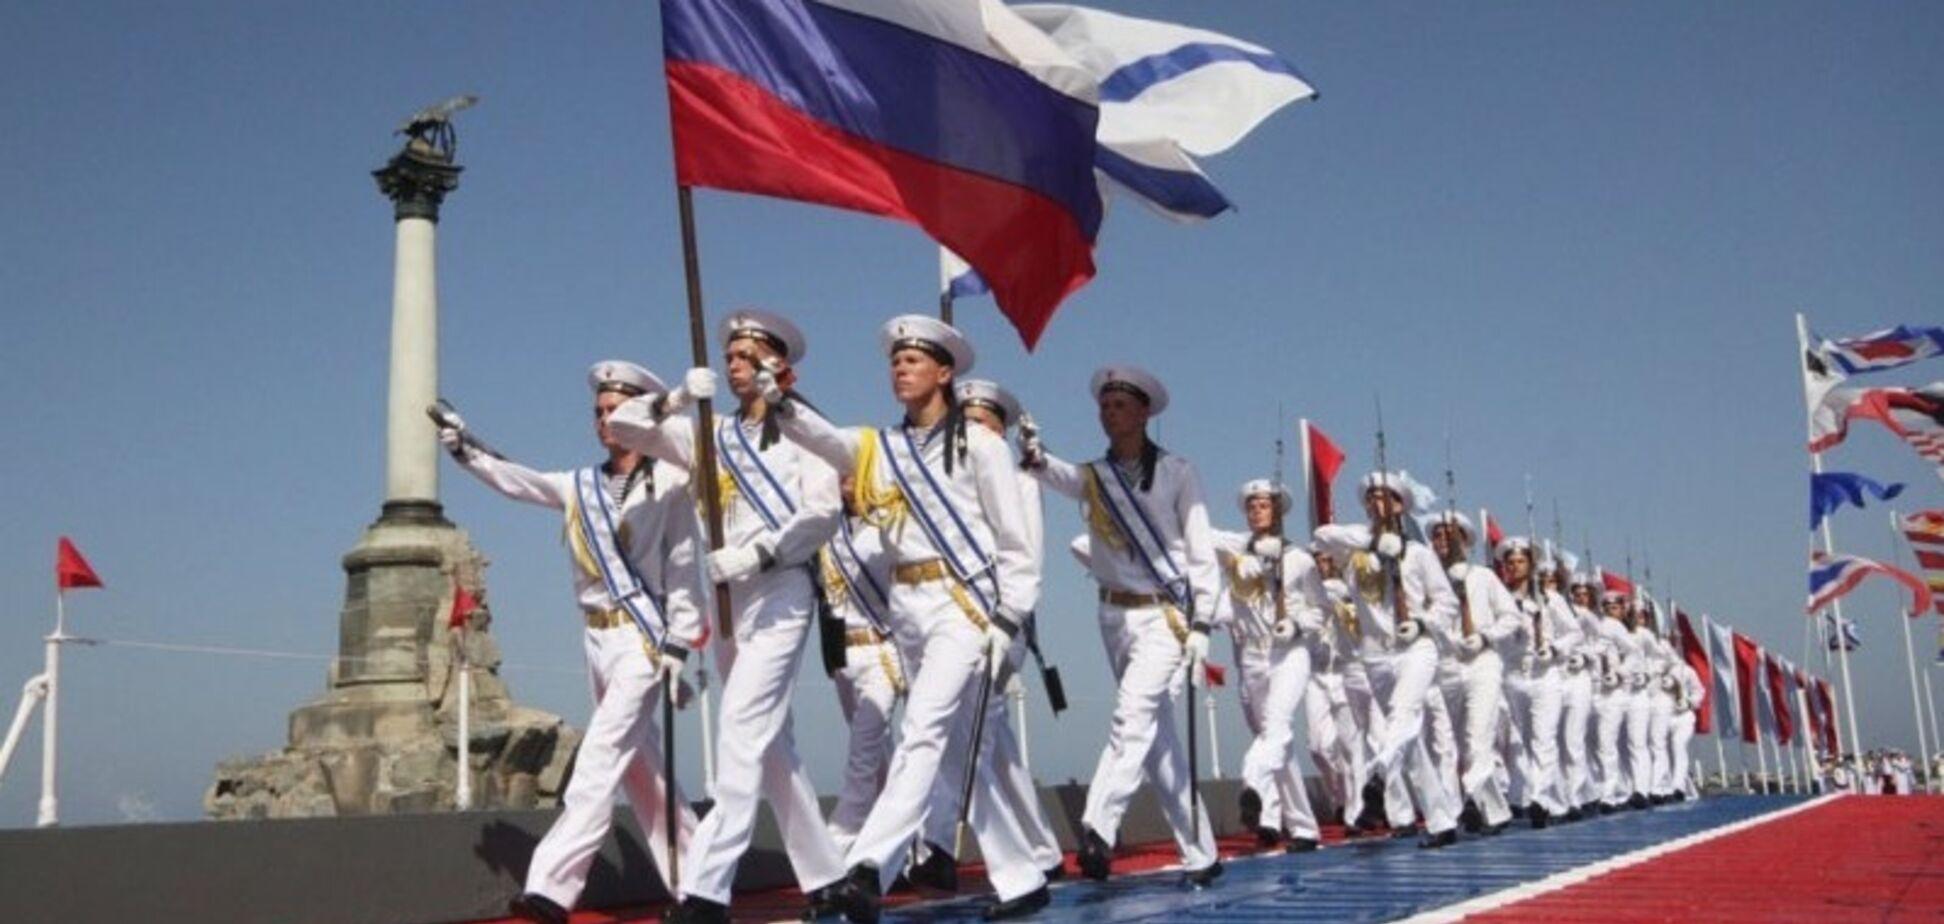 Хвастались медалями от Путина: в сети показали захвативших Крым российских моряков